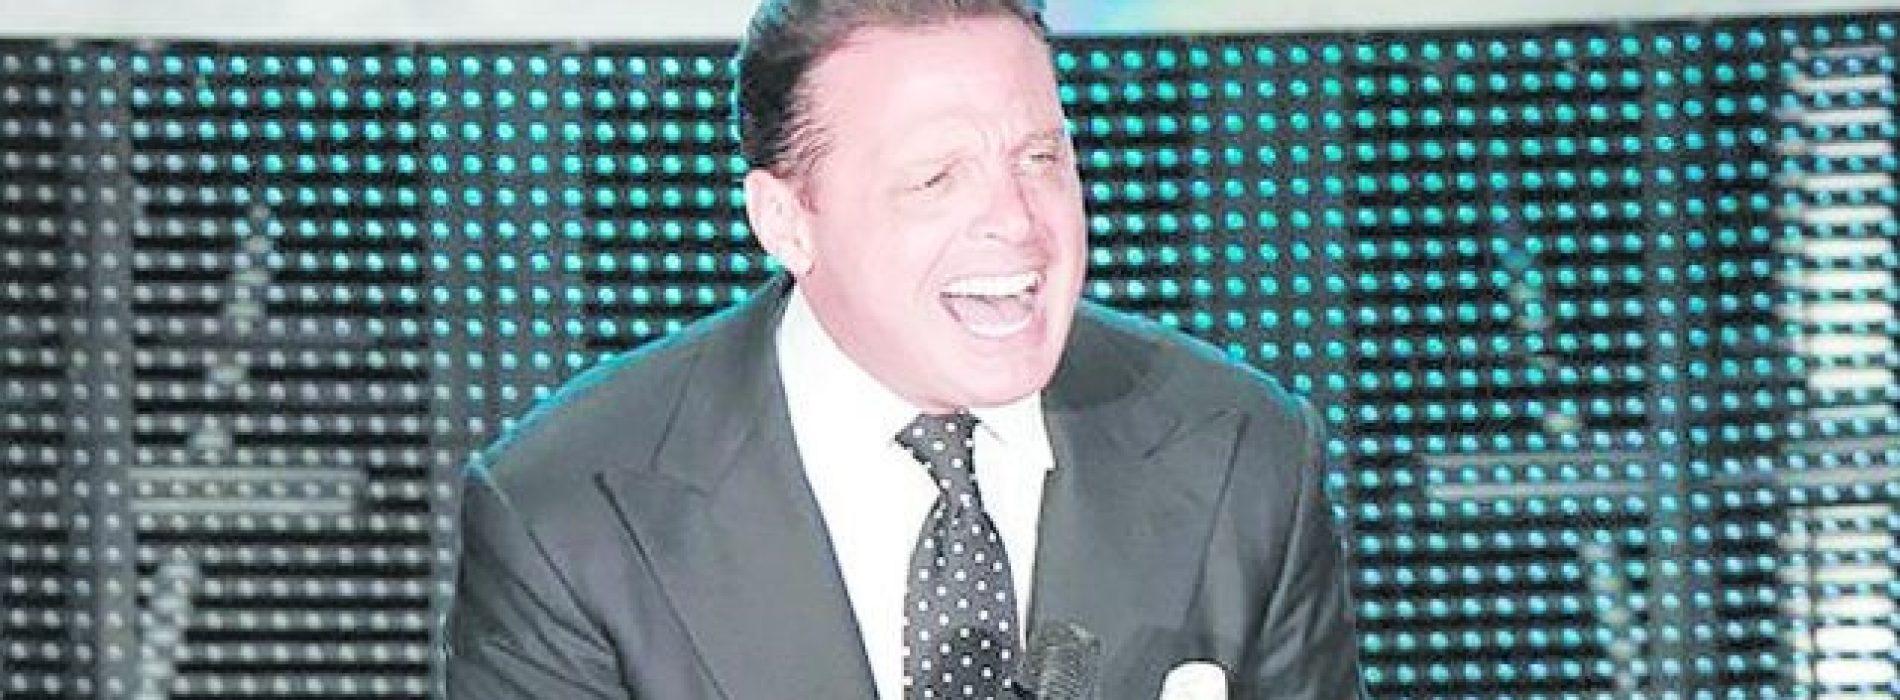 Luis Miguel negociazo millonario